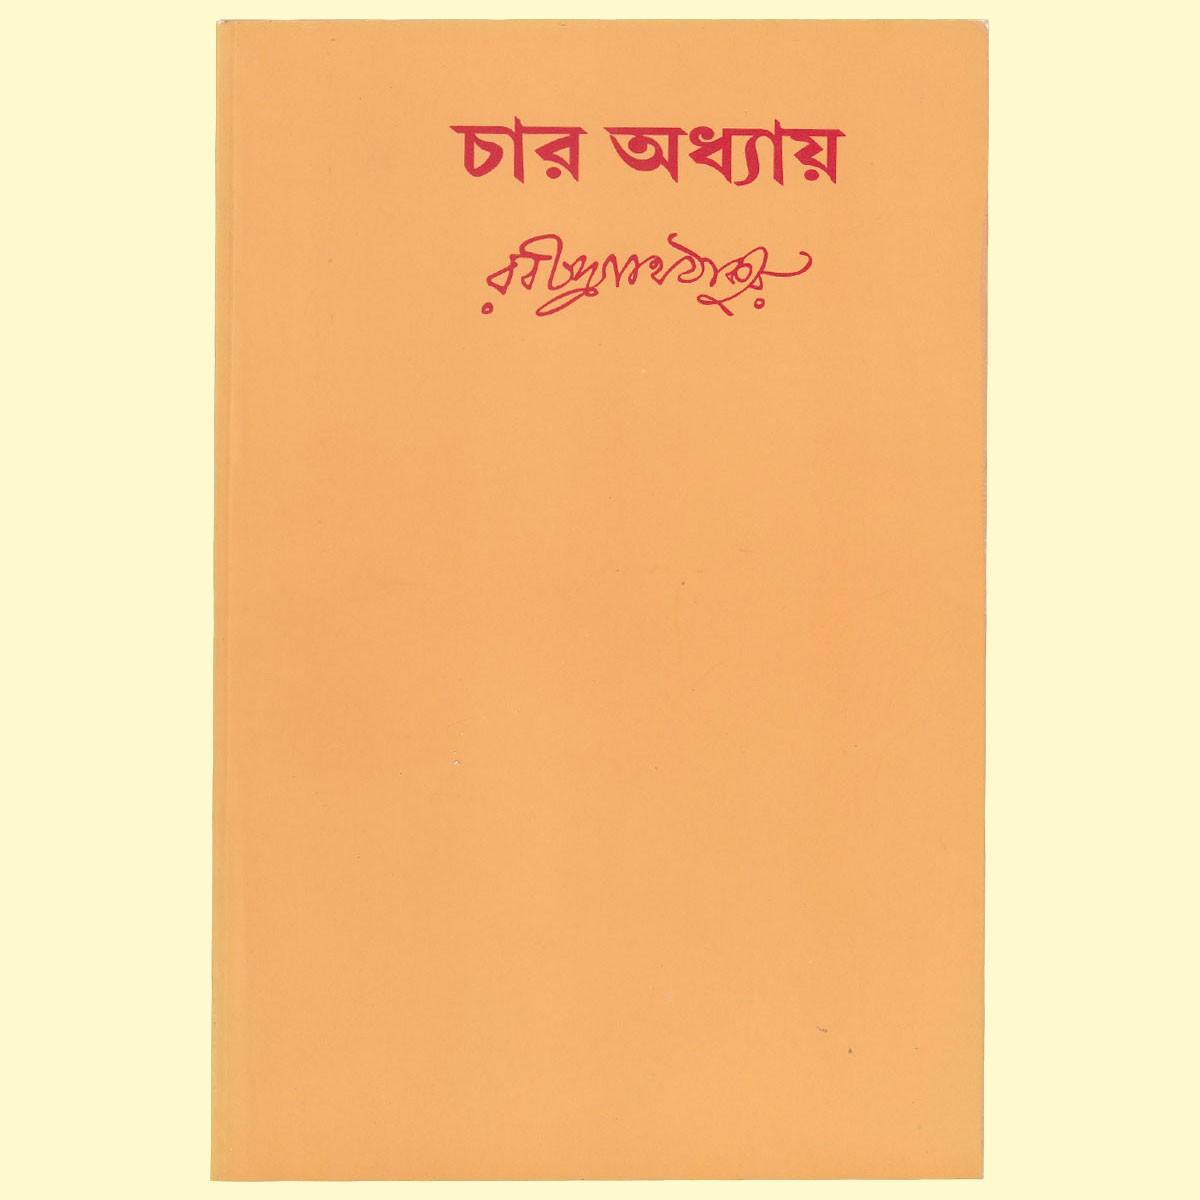 Chaar Odhyay